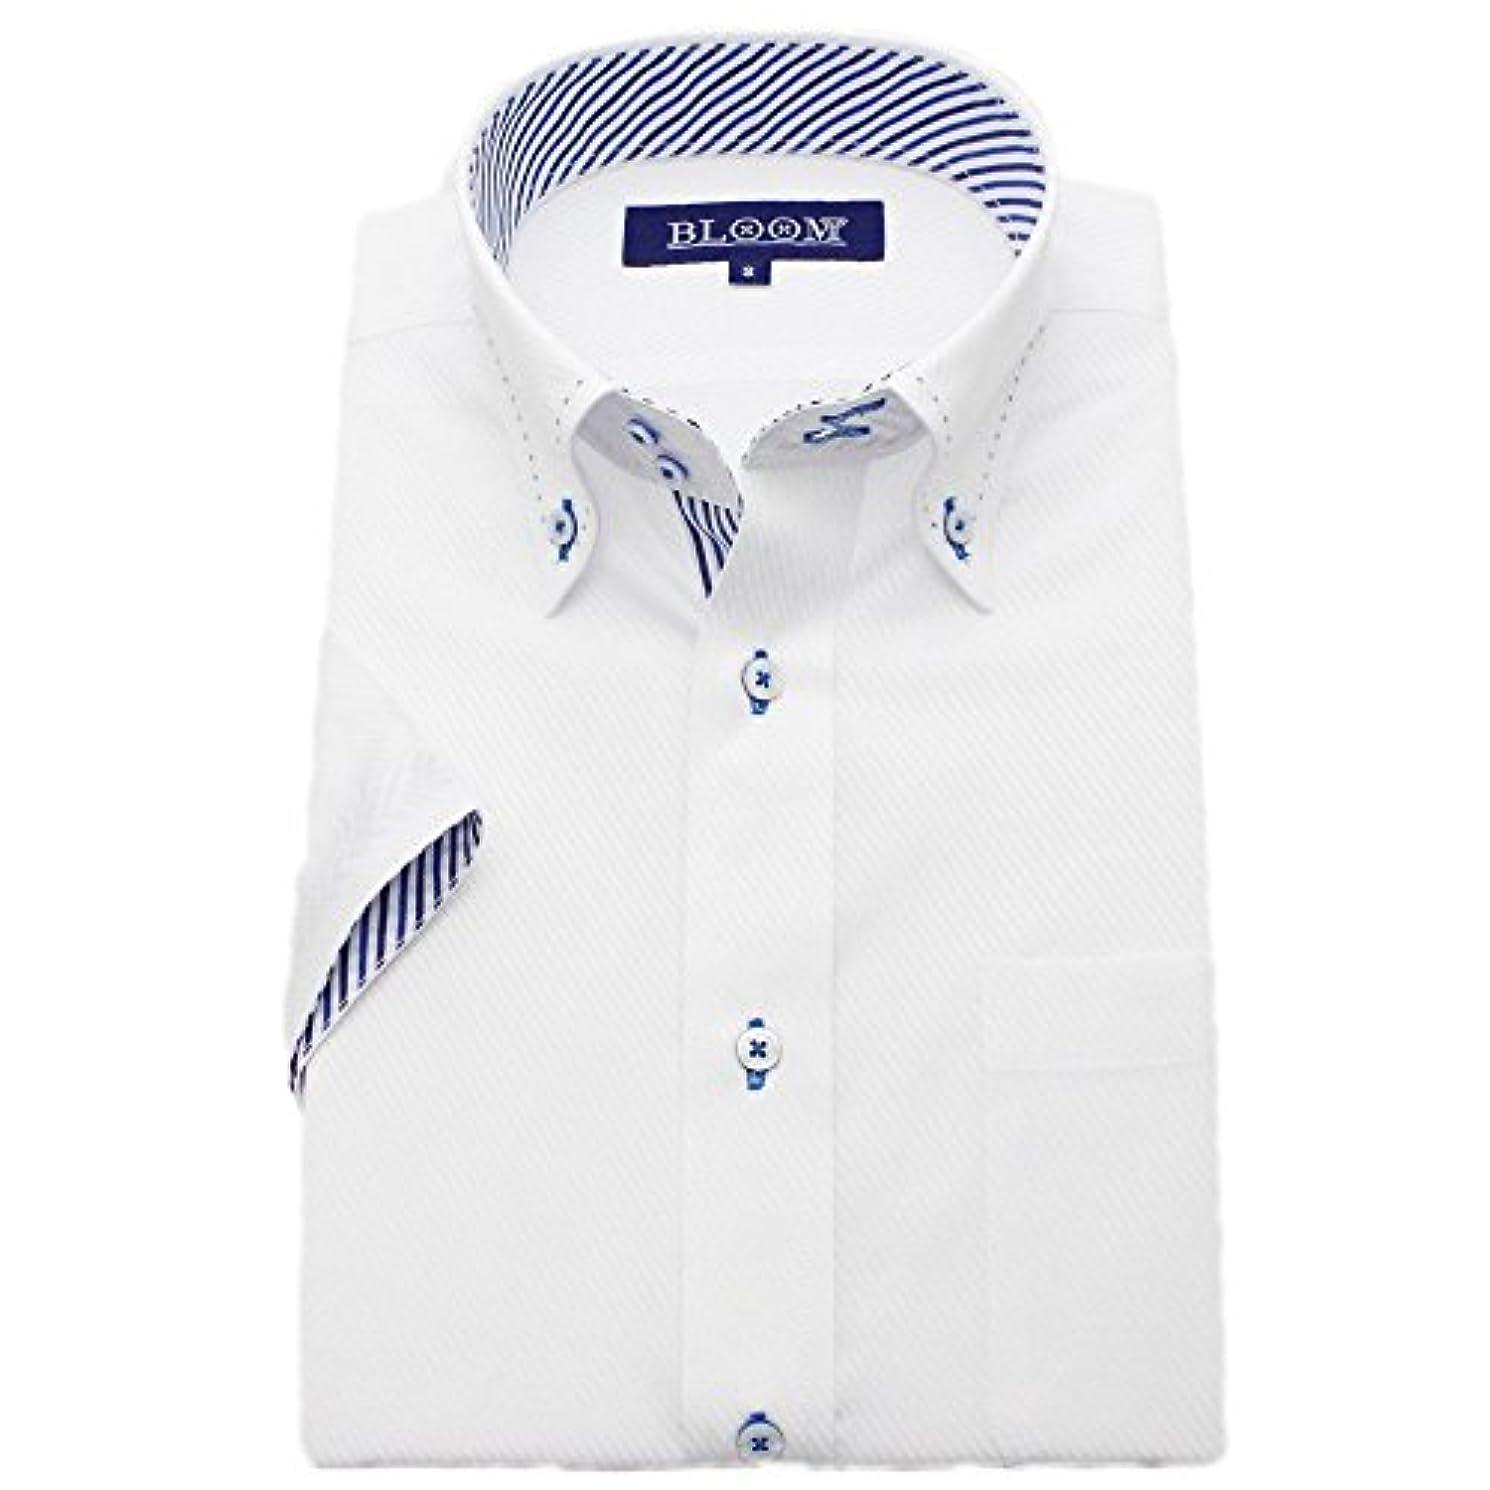 狂気ビジュアル音(ブルーム) BLOOM 2018夏 オリジナル 半袖 ワイシャツ クールビズ yシャツ S/M/L/LL/3L/4L/5L/6L 10柄 形態安定加工 ボタンダウン